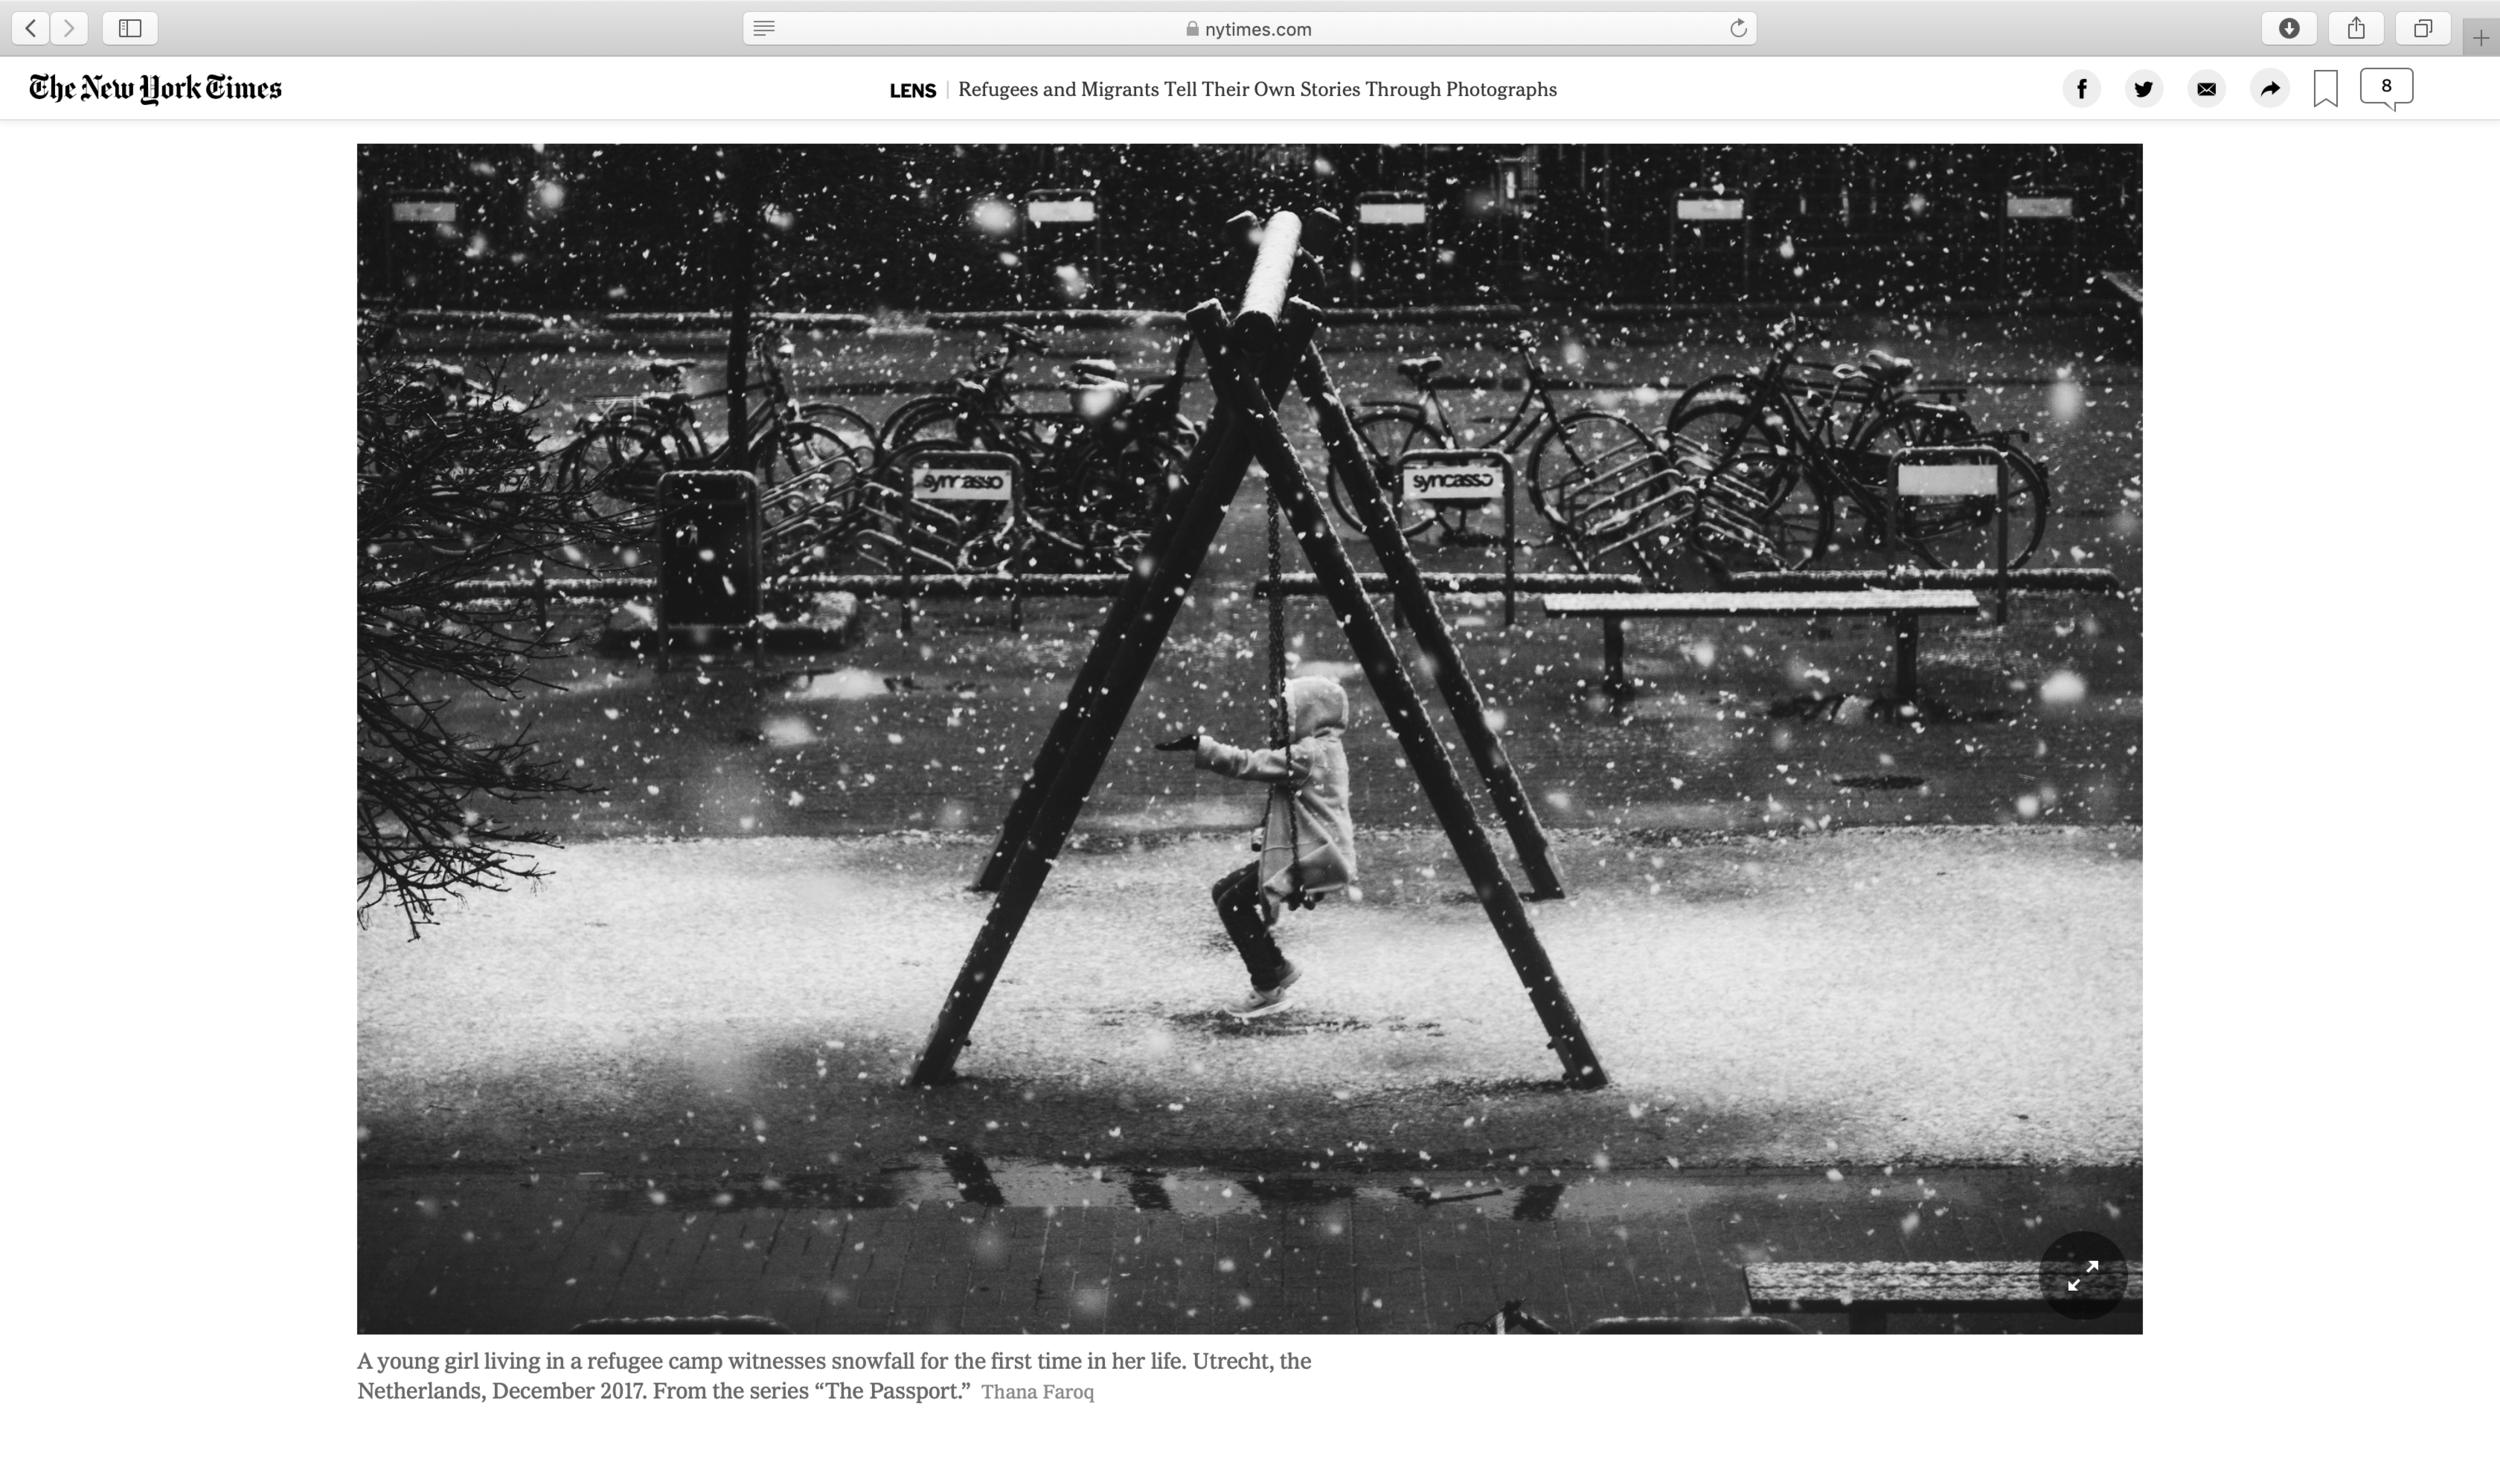 Screen Shot 2018-12-28 at 4.50.58 PM.png